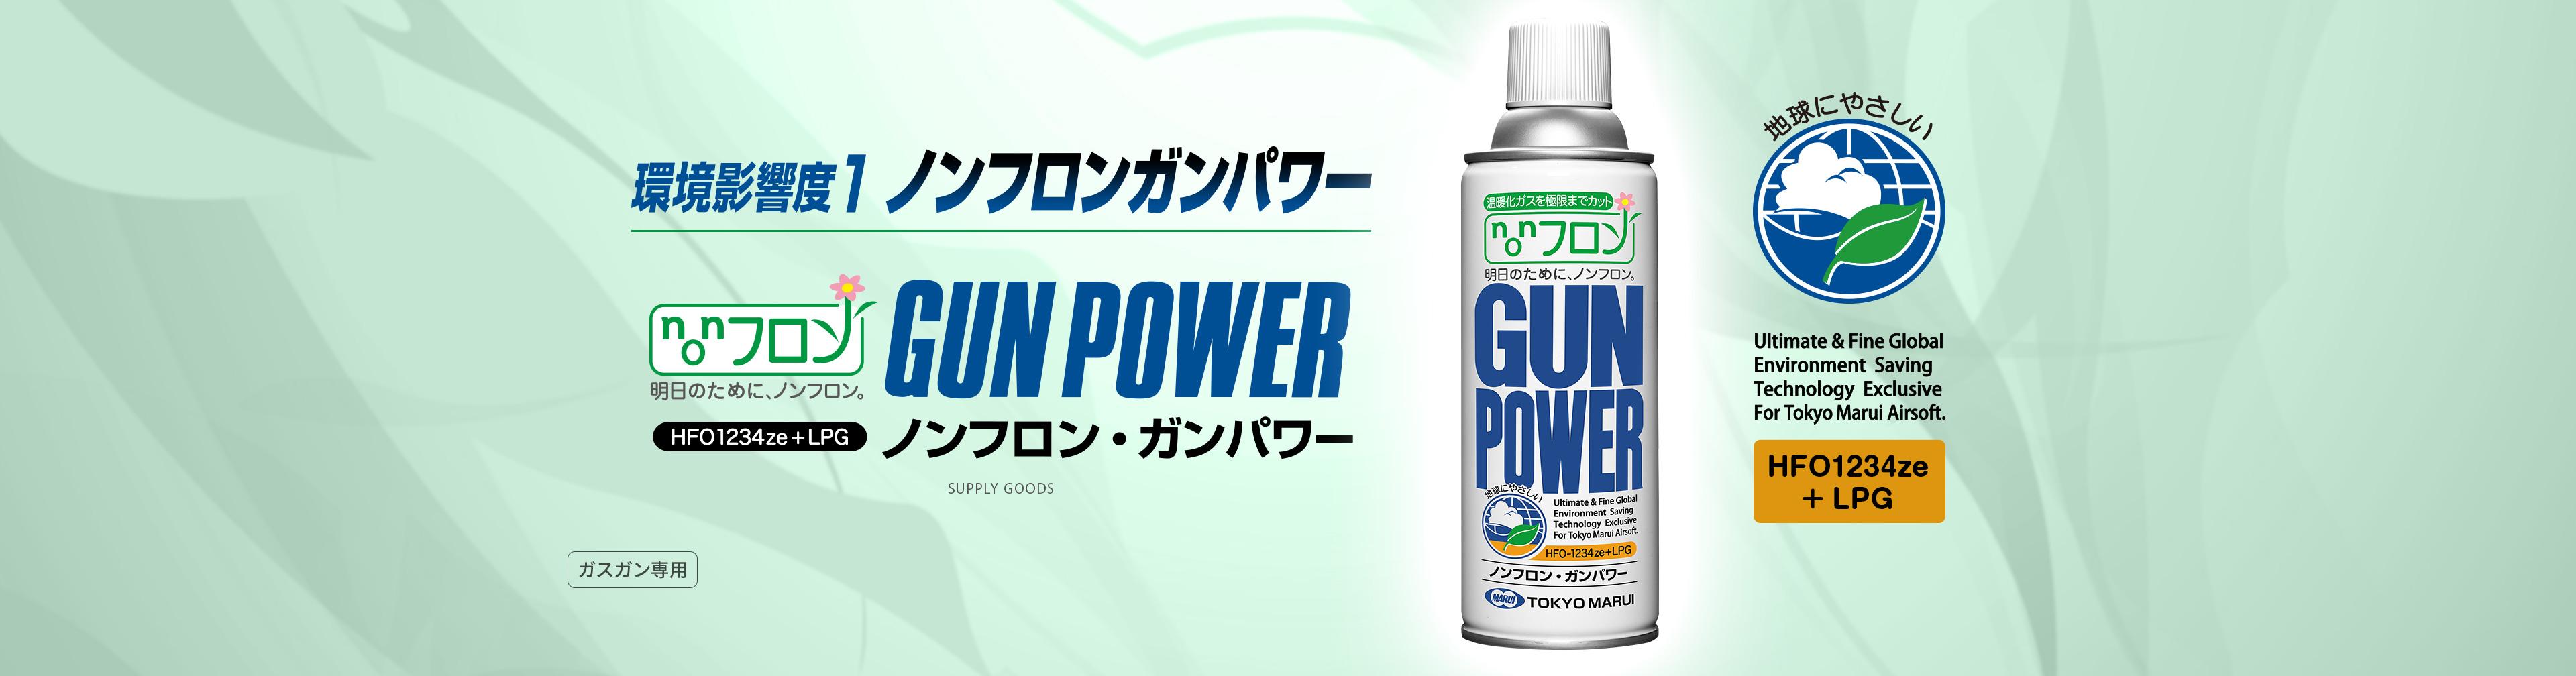 ノンフロン・ガンパワー(300g)